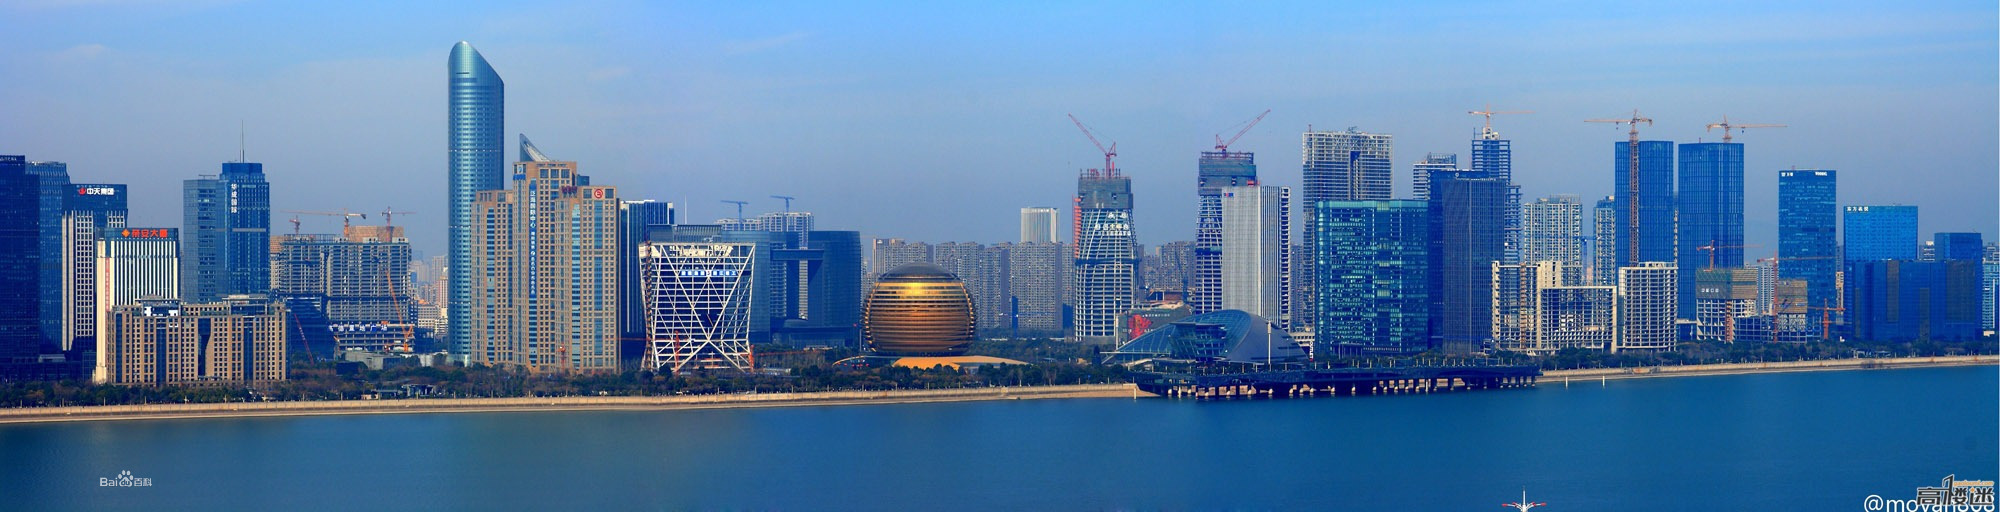 Hangzhou city building photos